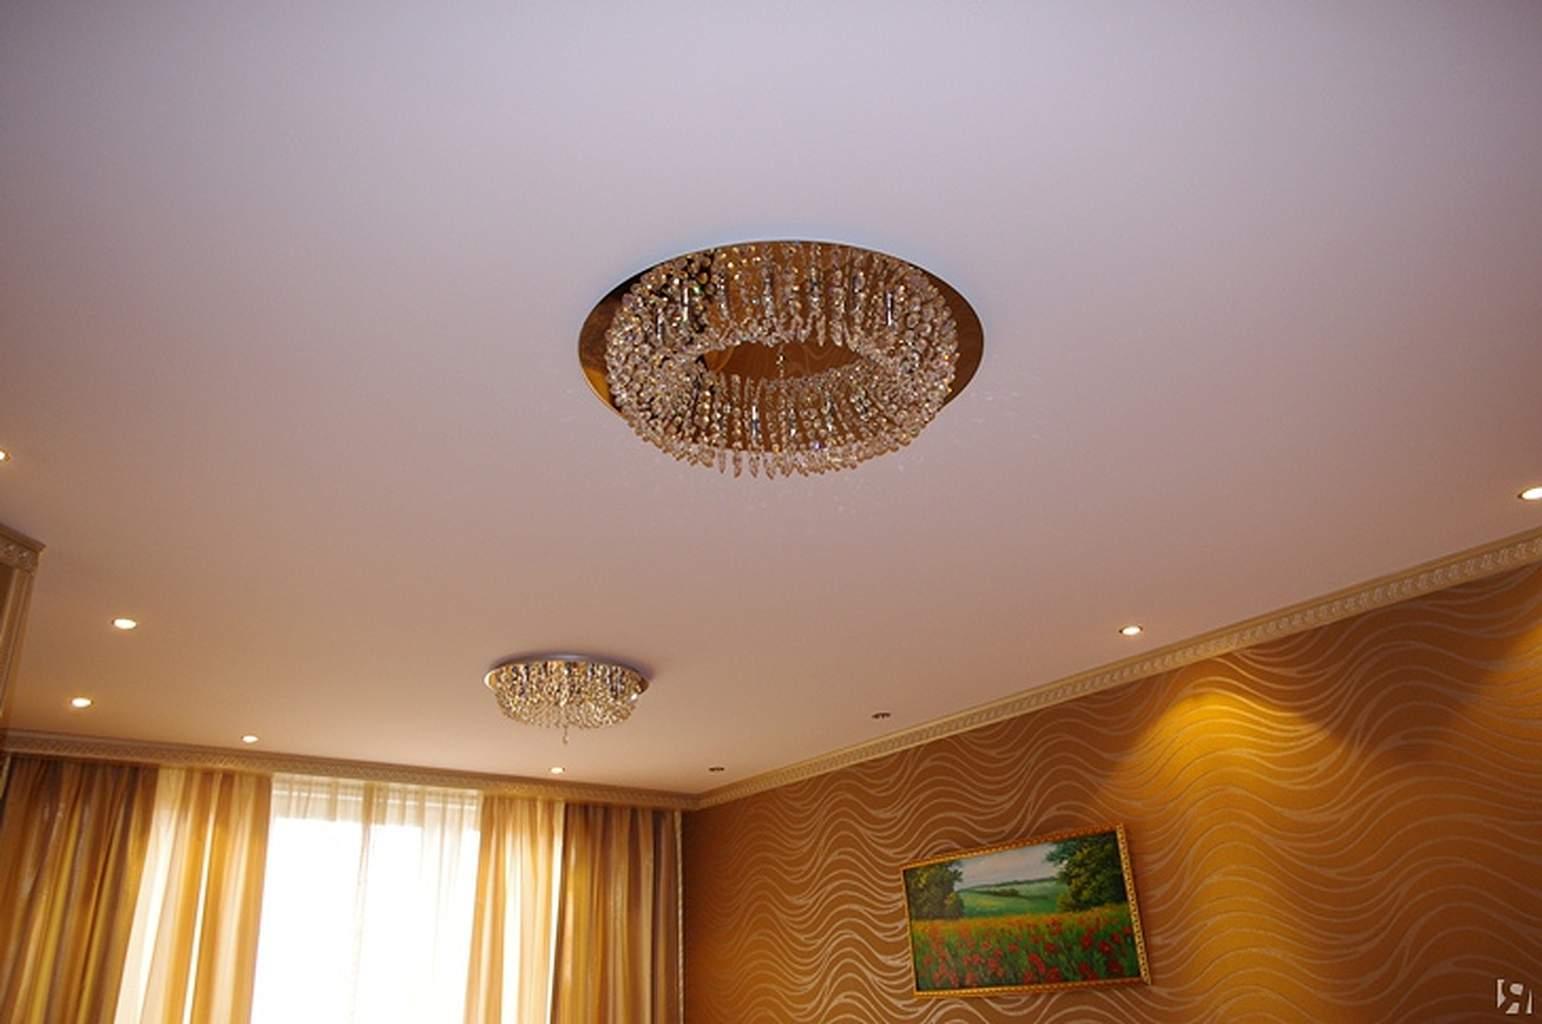 Белый тканевые бесшовный потолок с утопленной люстрой и светильниками